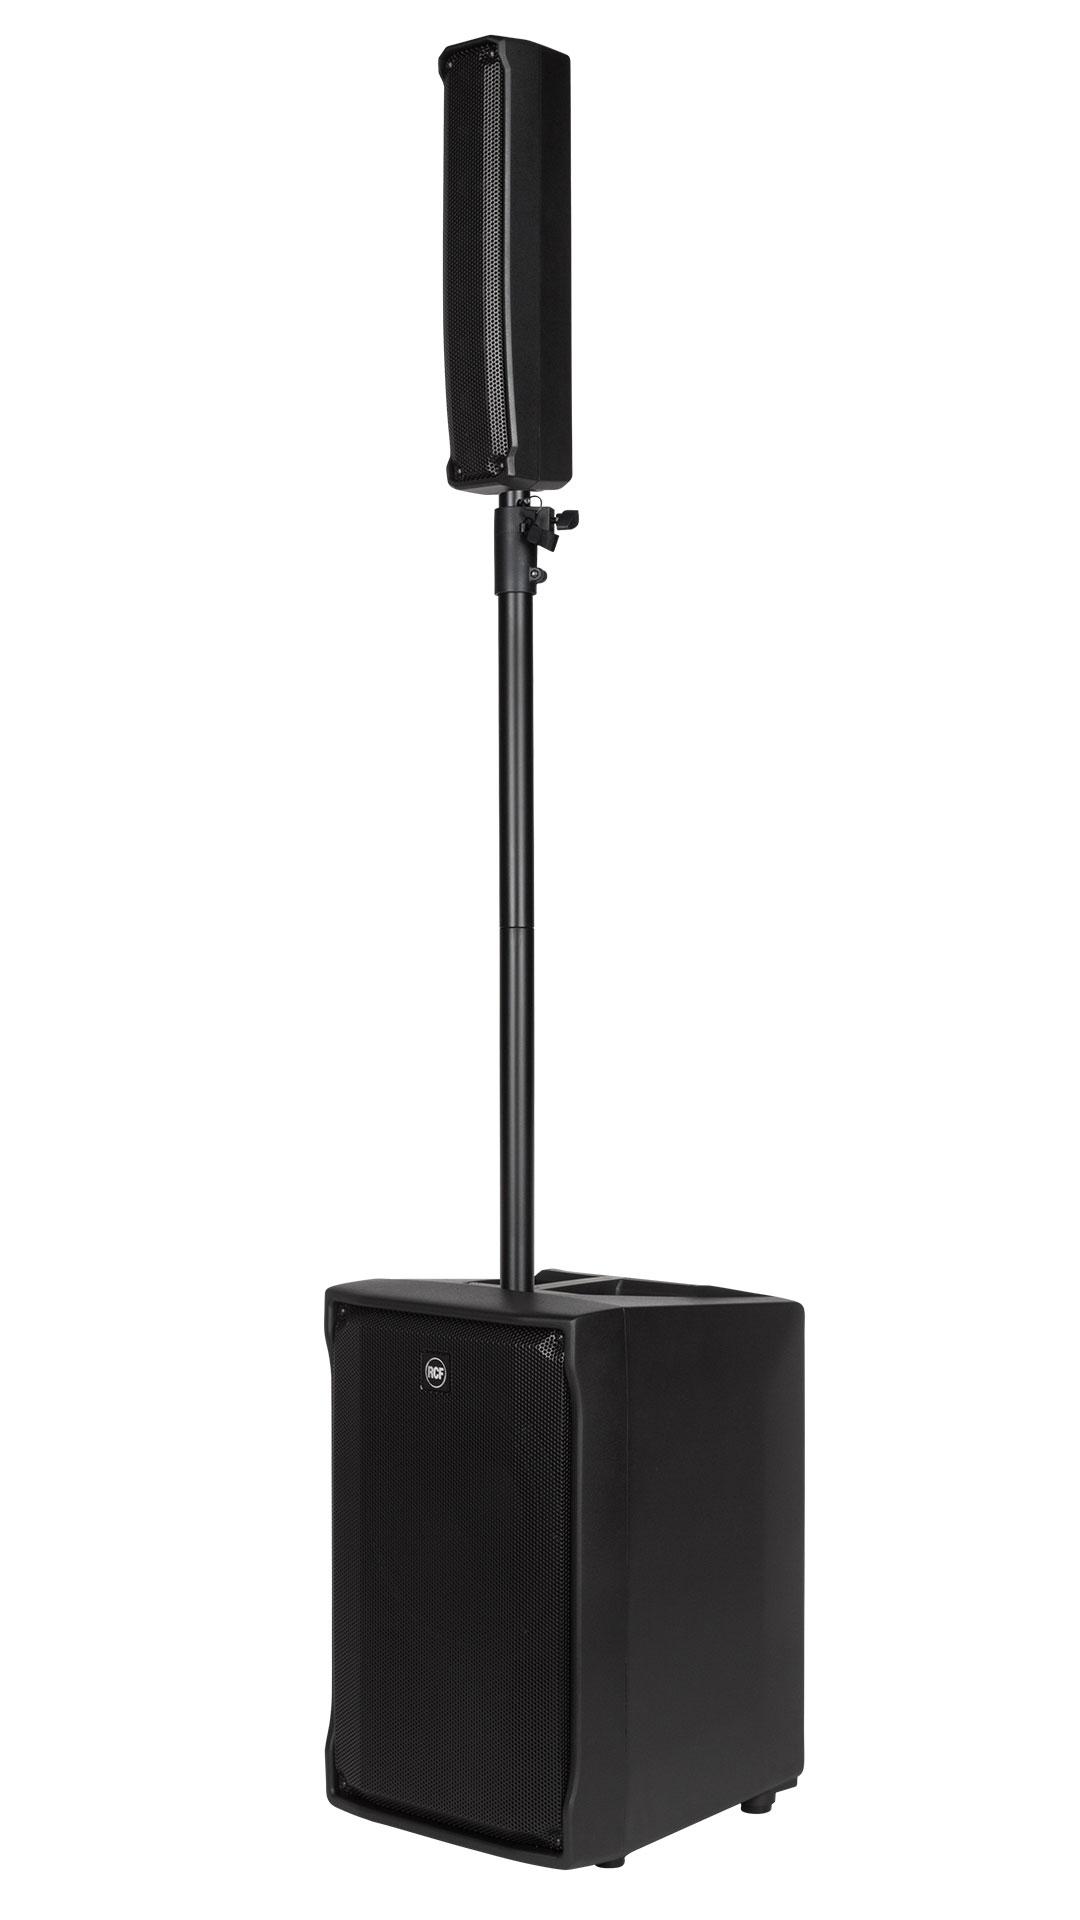 Image of   RCF EVOX Jmix 8 højttaler system med mixer